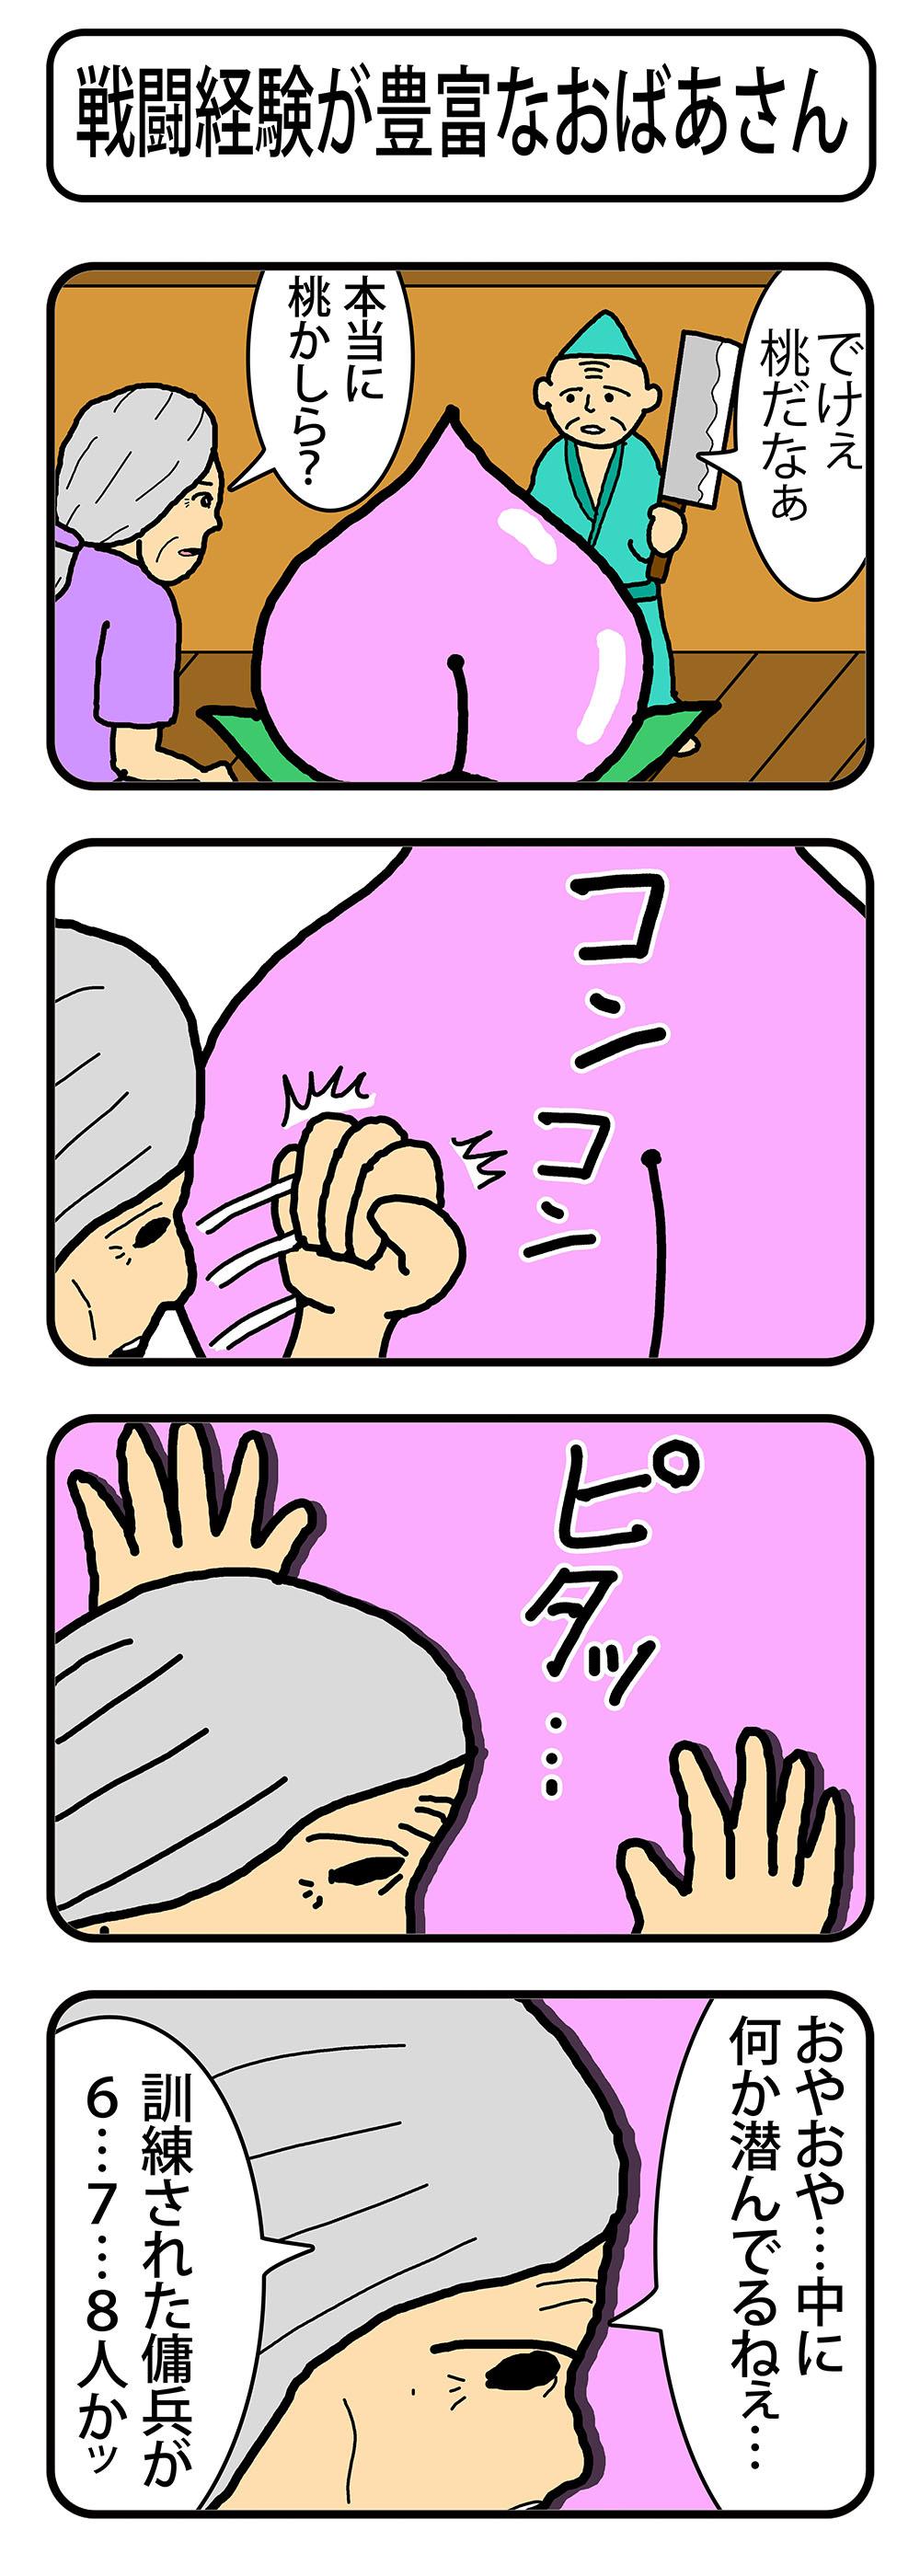 戦闘経験豊富なおばあちゃん